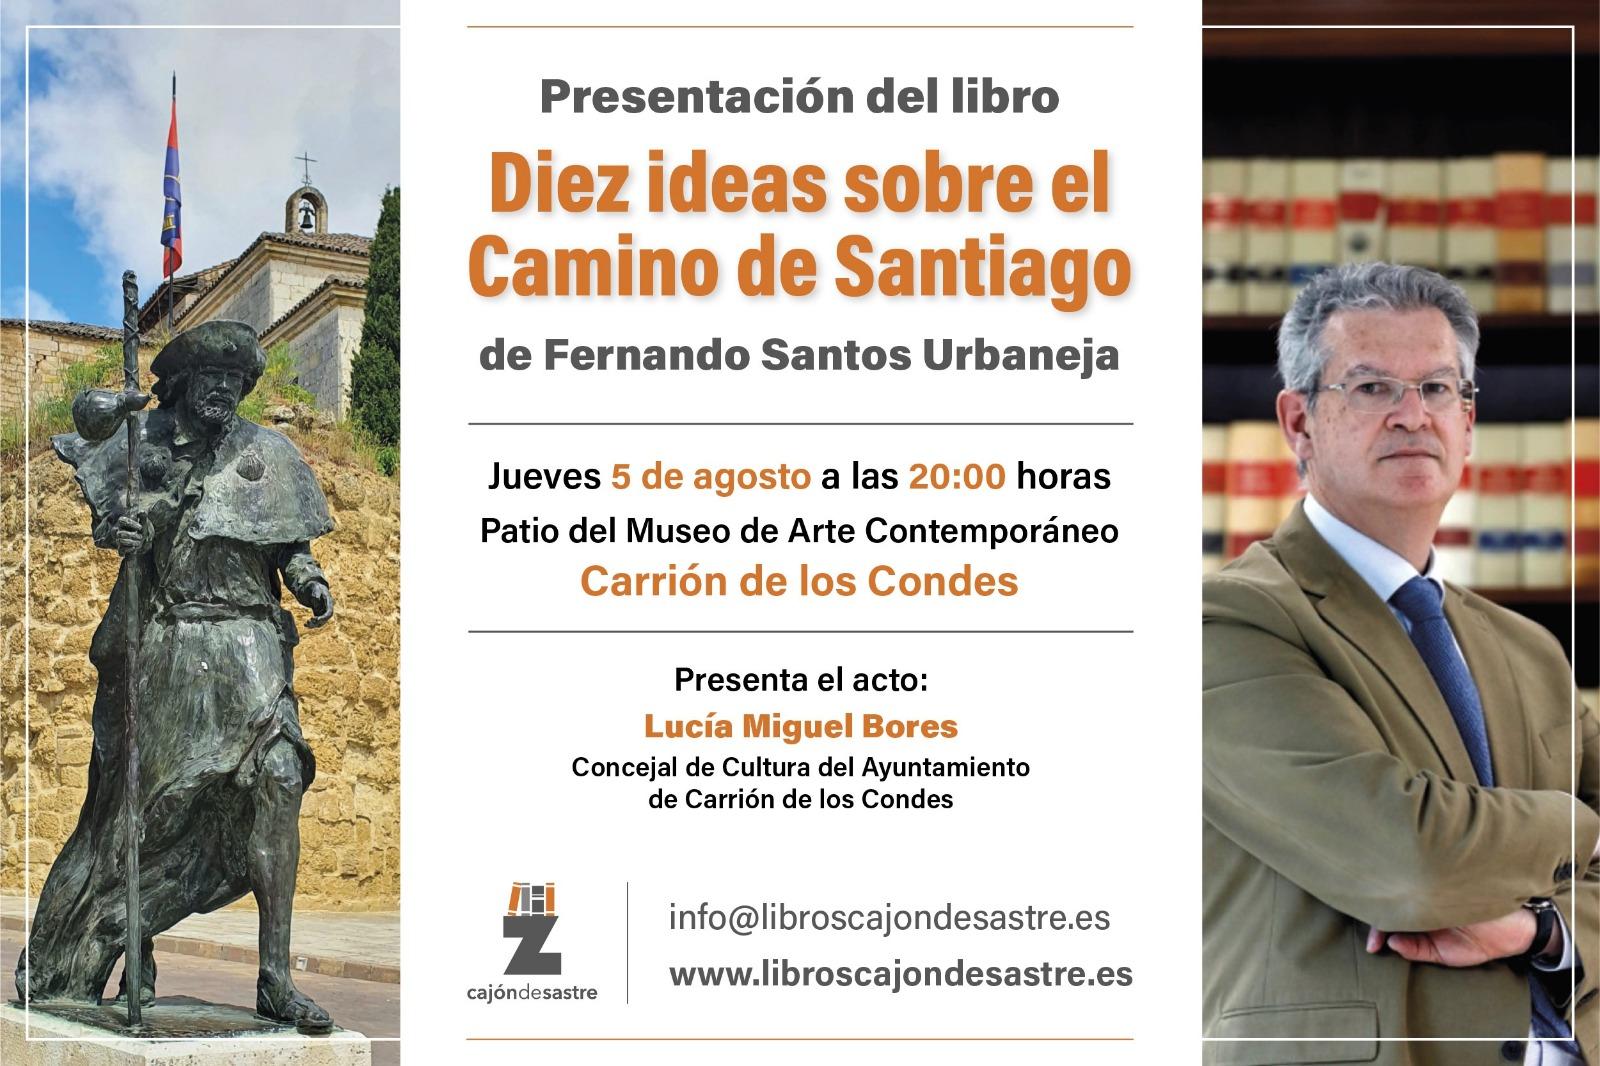 Diez ideas sobre el Camino de Santiago de Fernando Santos Urbaneja.